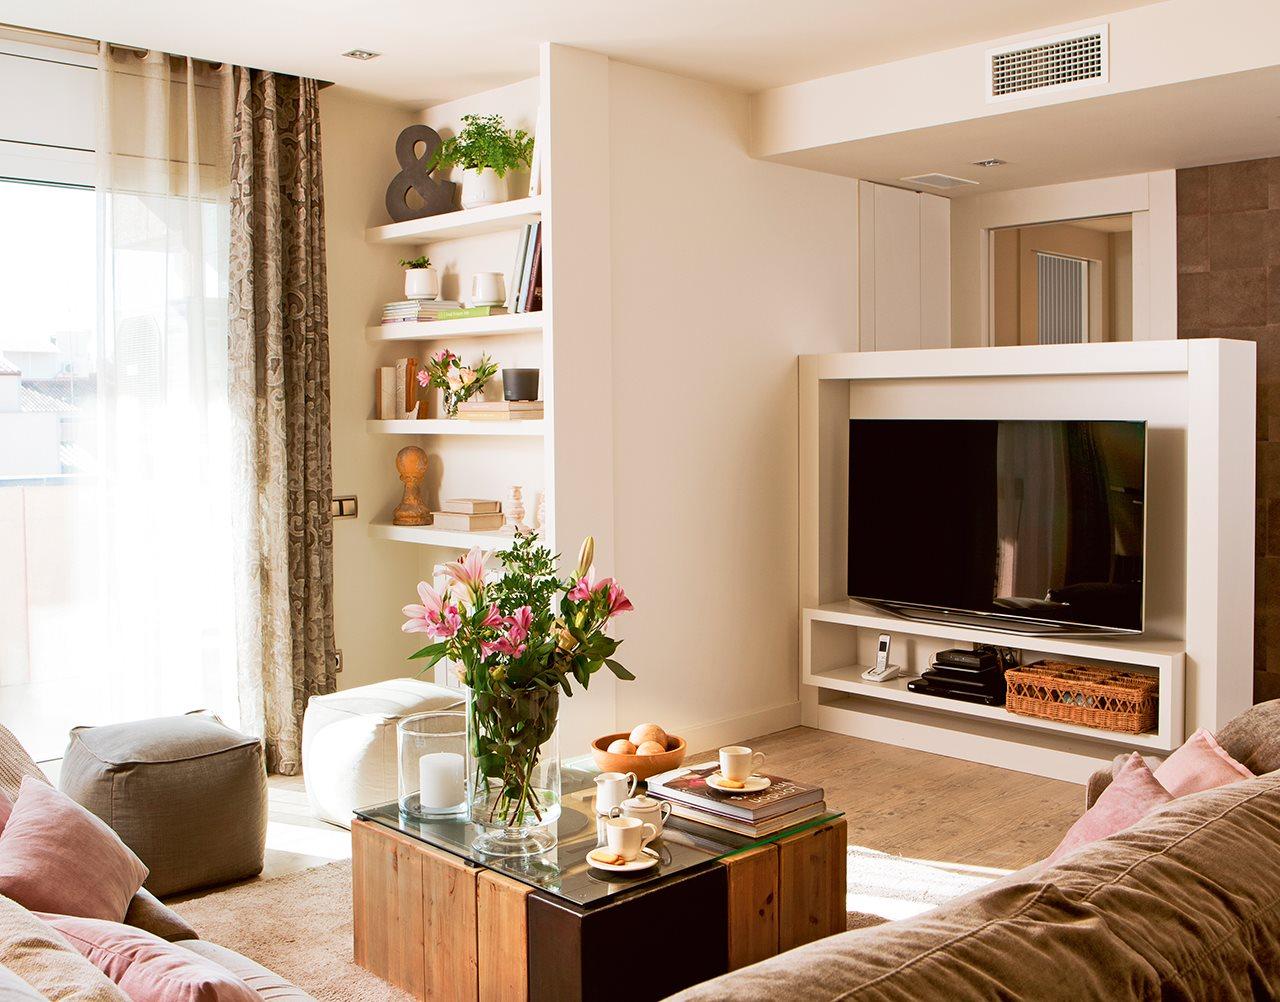 Metamorfoza mieszkania wn trza - El mueble sofas ...